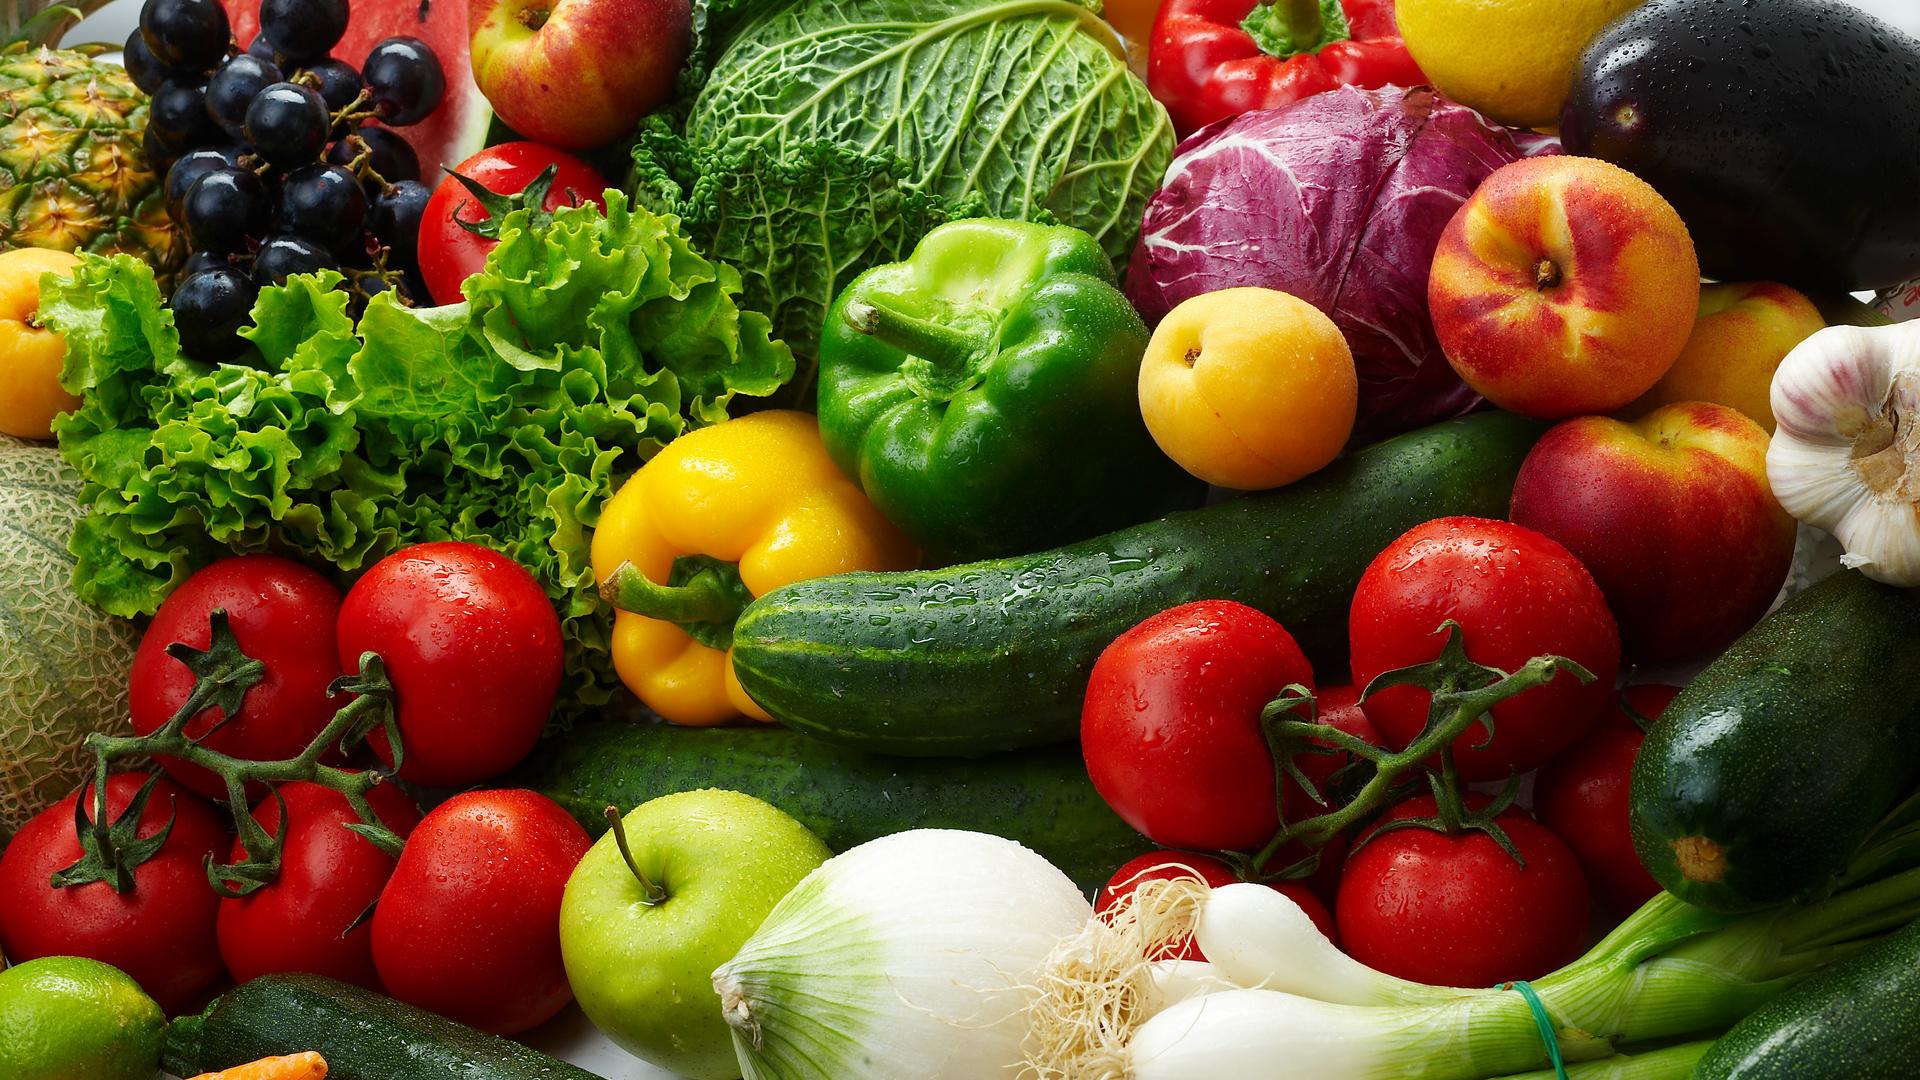 Богатый на праздники март принес очередную волну подорожания овощей